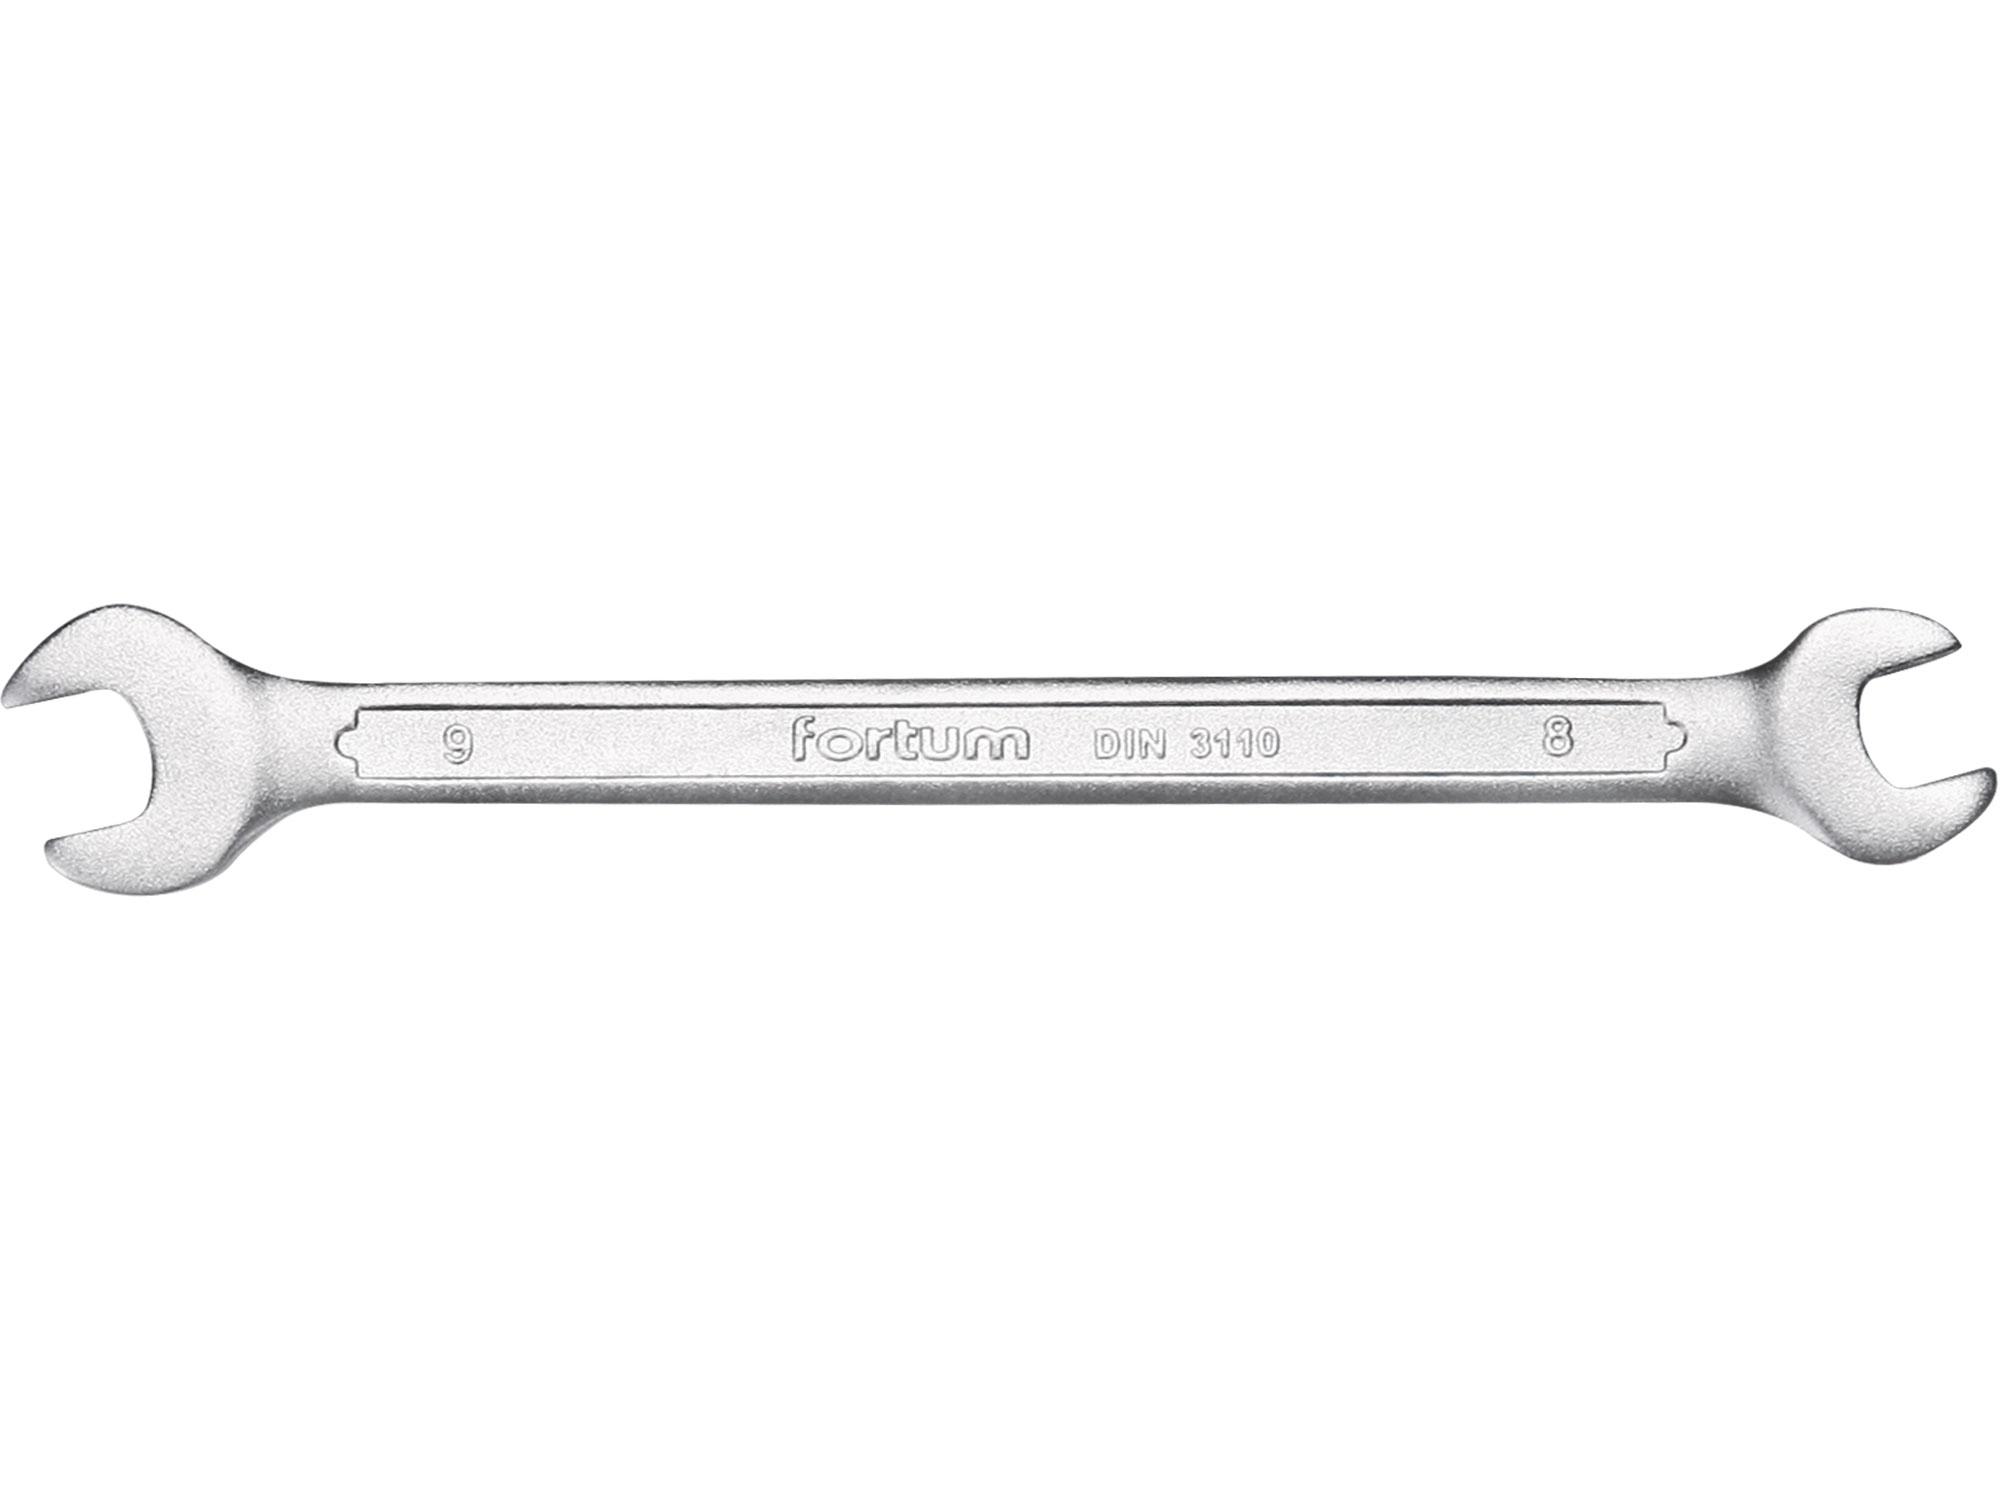 klíč plochý, 8x9mm, L 141mm, FORTUM 4730109